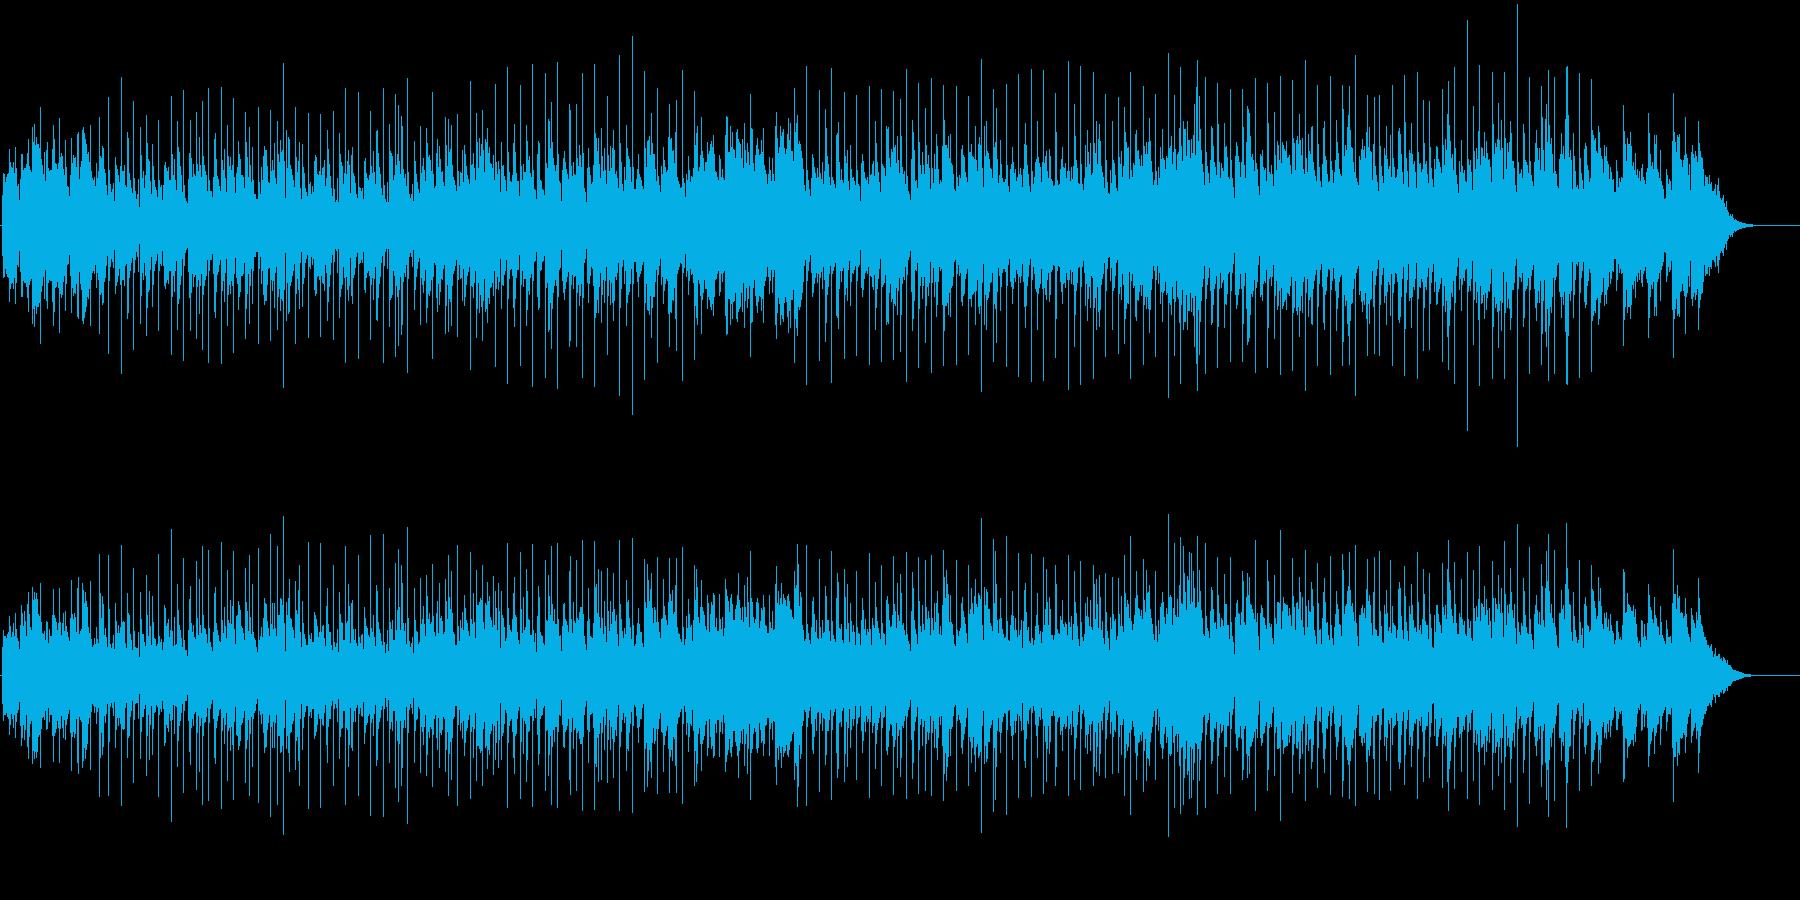 メロウなバラード(キャンドルサービス)の再生済みの波形